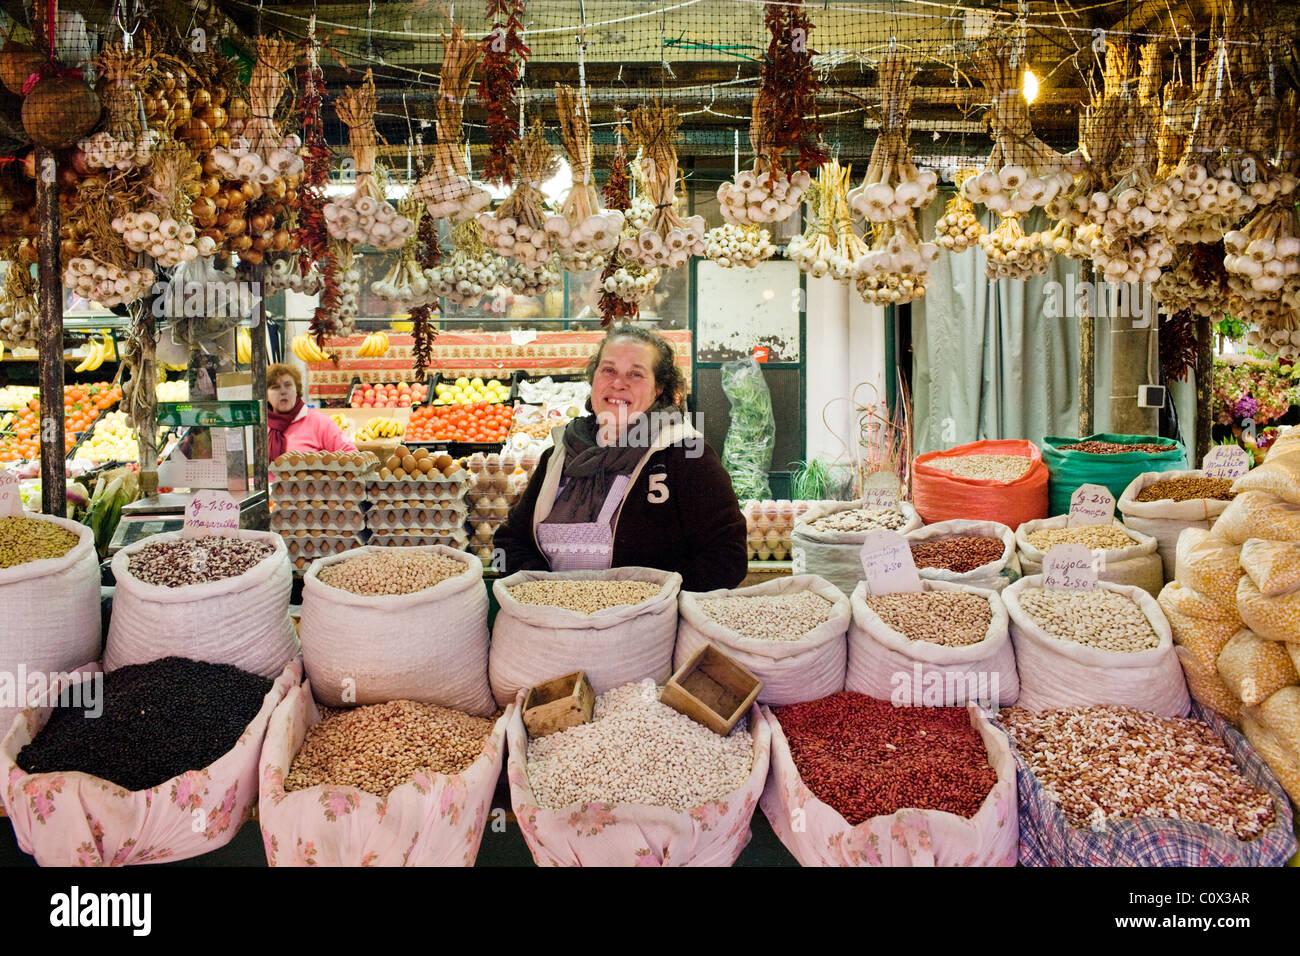 Vendor in Bolhão Market, Oporto, Portugal - Stock Image